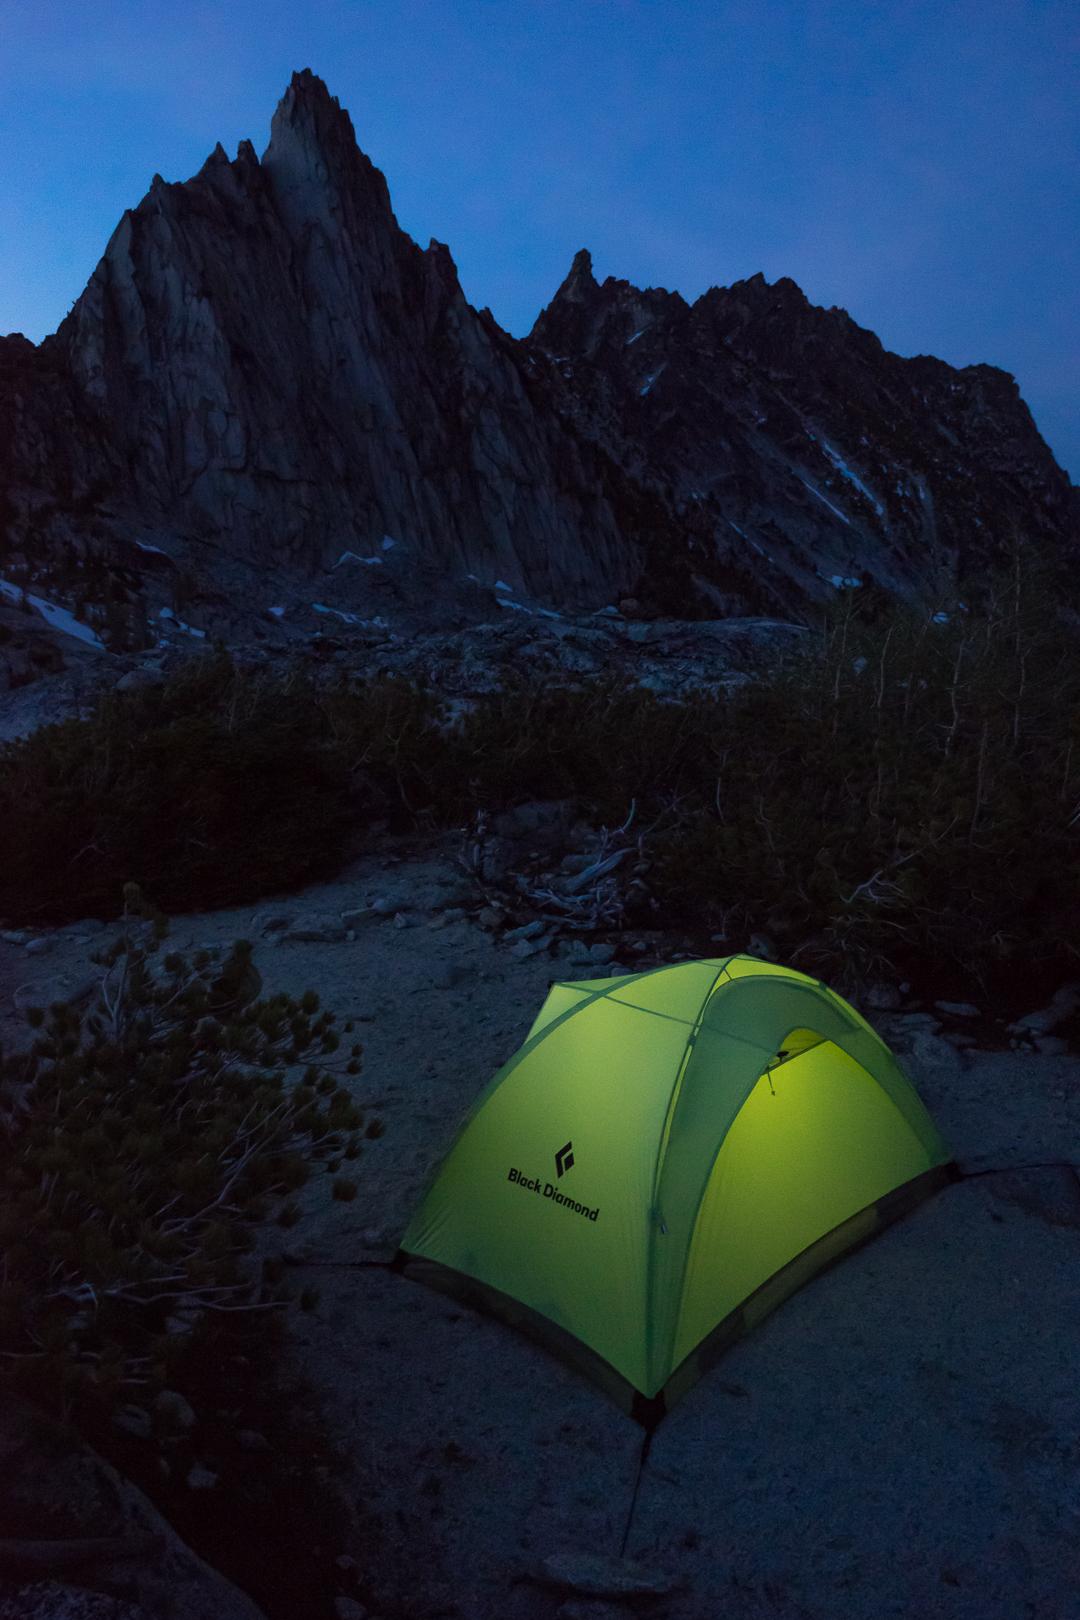 Dusk at camp below Prussik Peak.